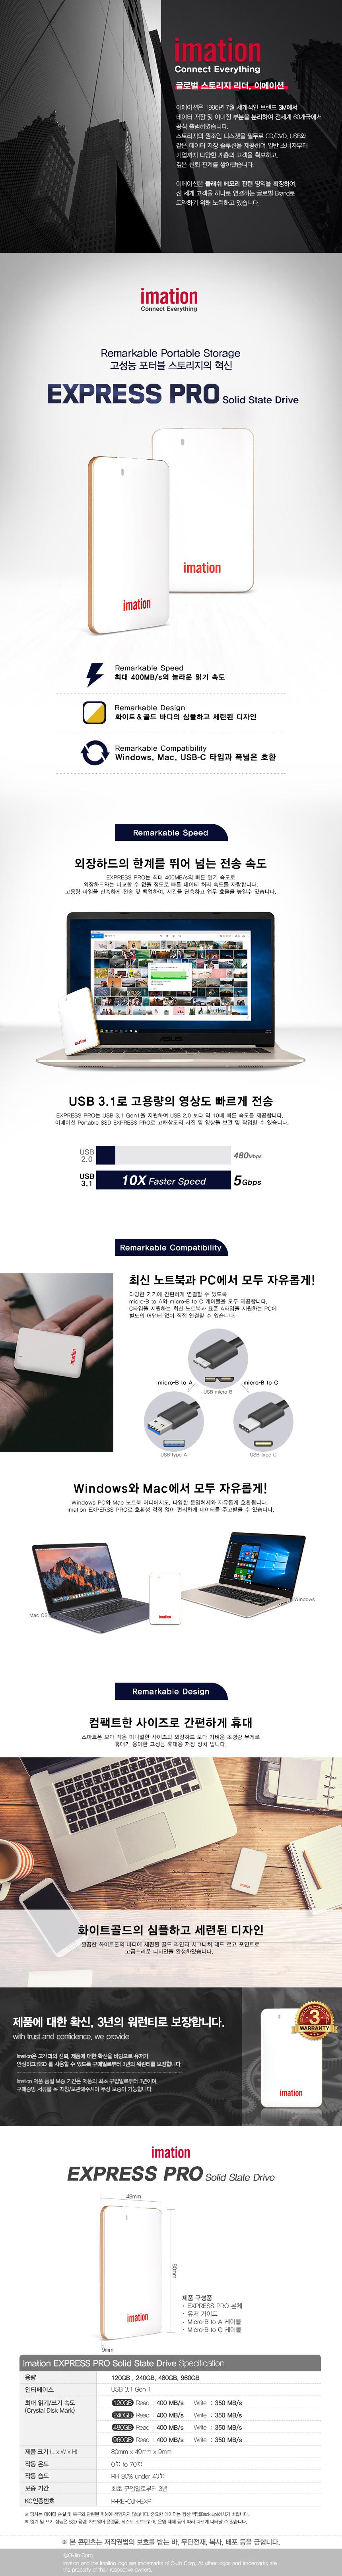 이메이션 Express Pro (960GB)